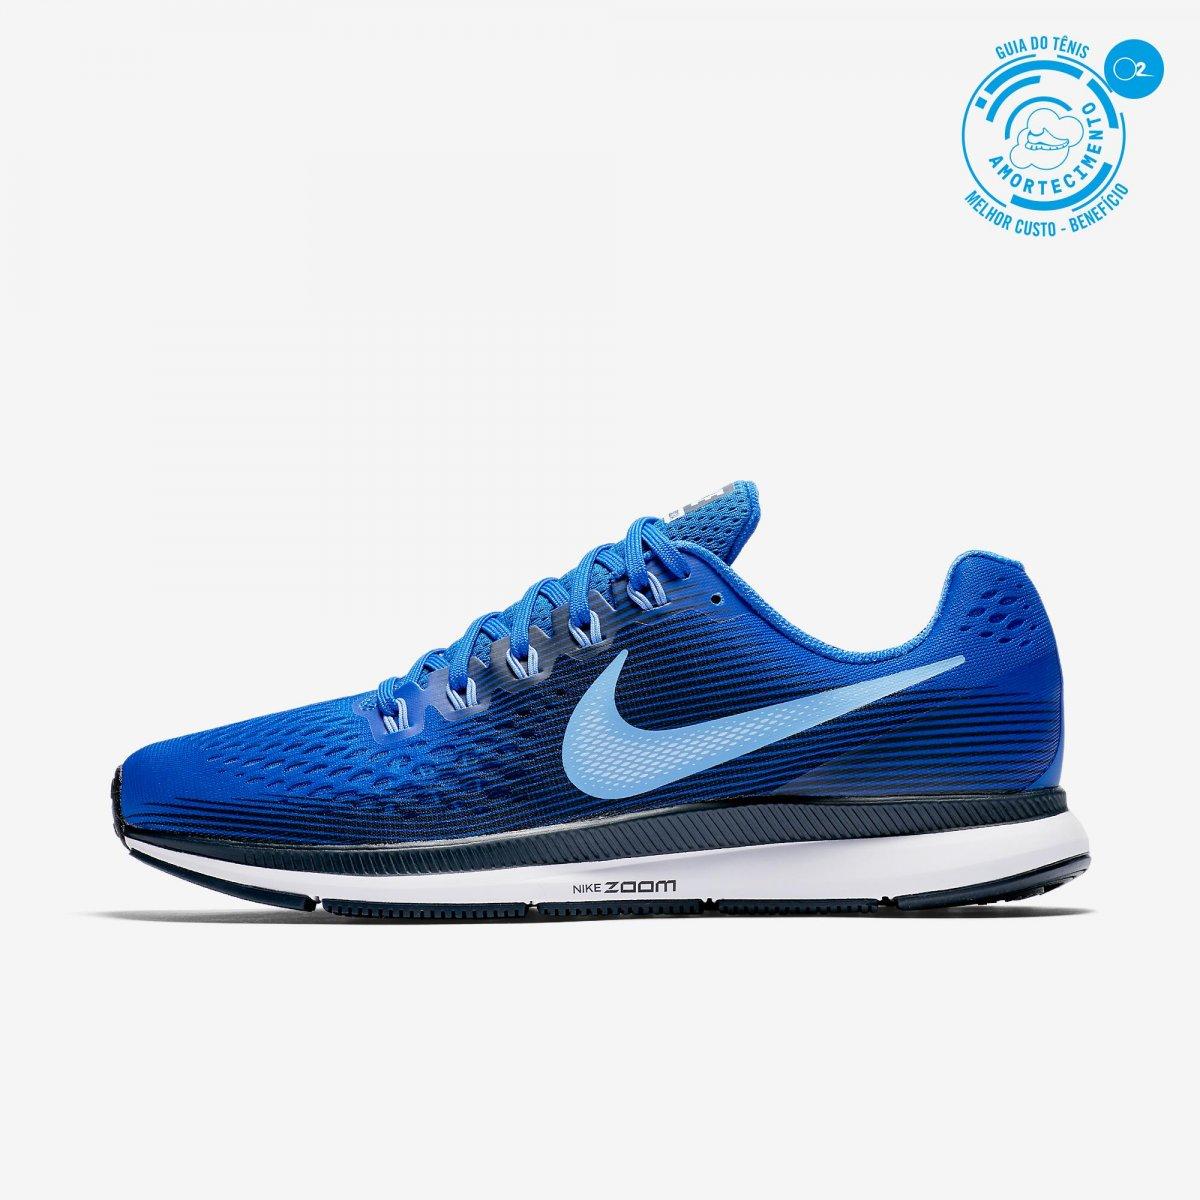 c02011955b2f3 Tênis Nike Pegasus 34 880555PEGASUS Nike - Azul - Girardi Running Store